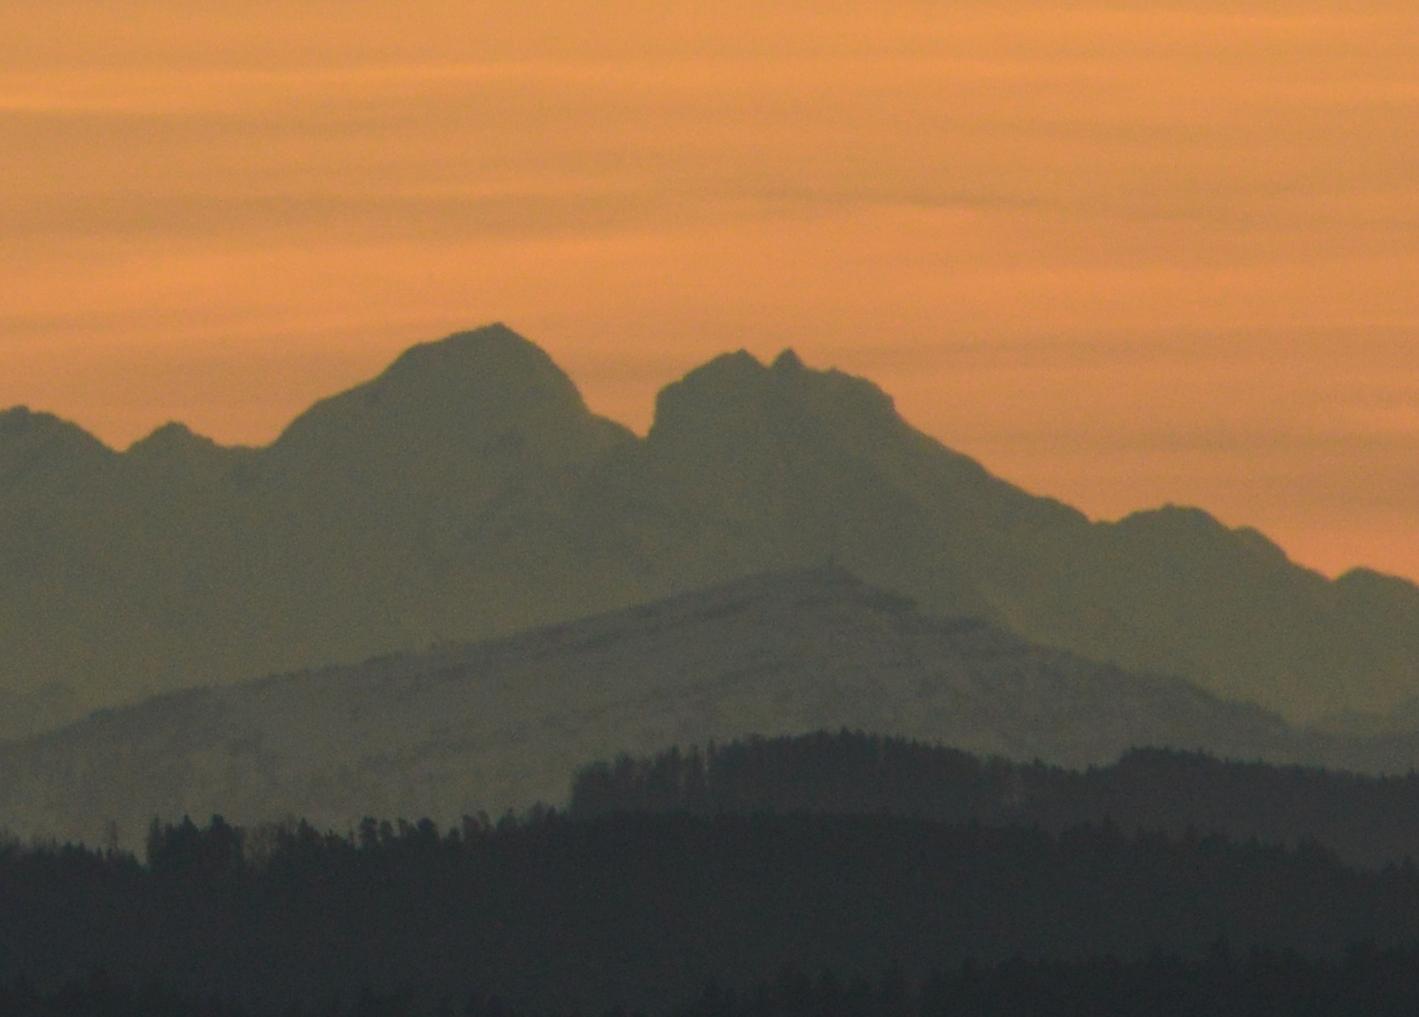 links der Mönch, rechts Eiger und Jungfrau, darunter die Rigi